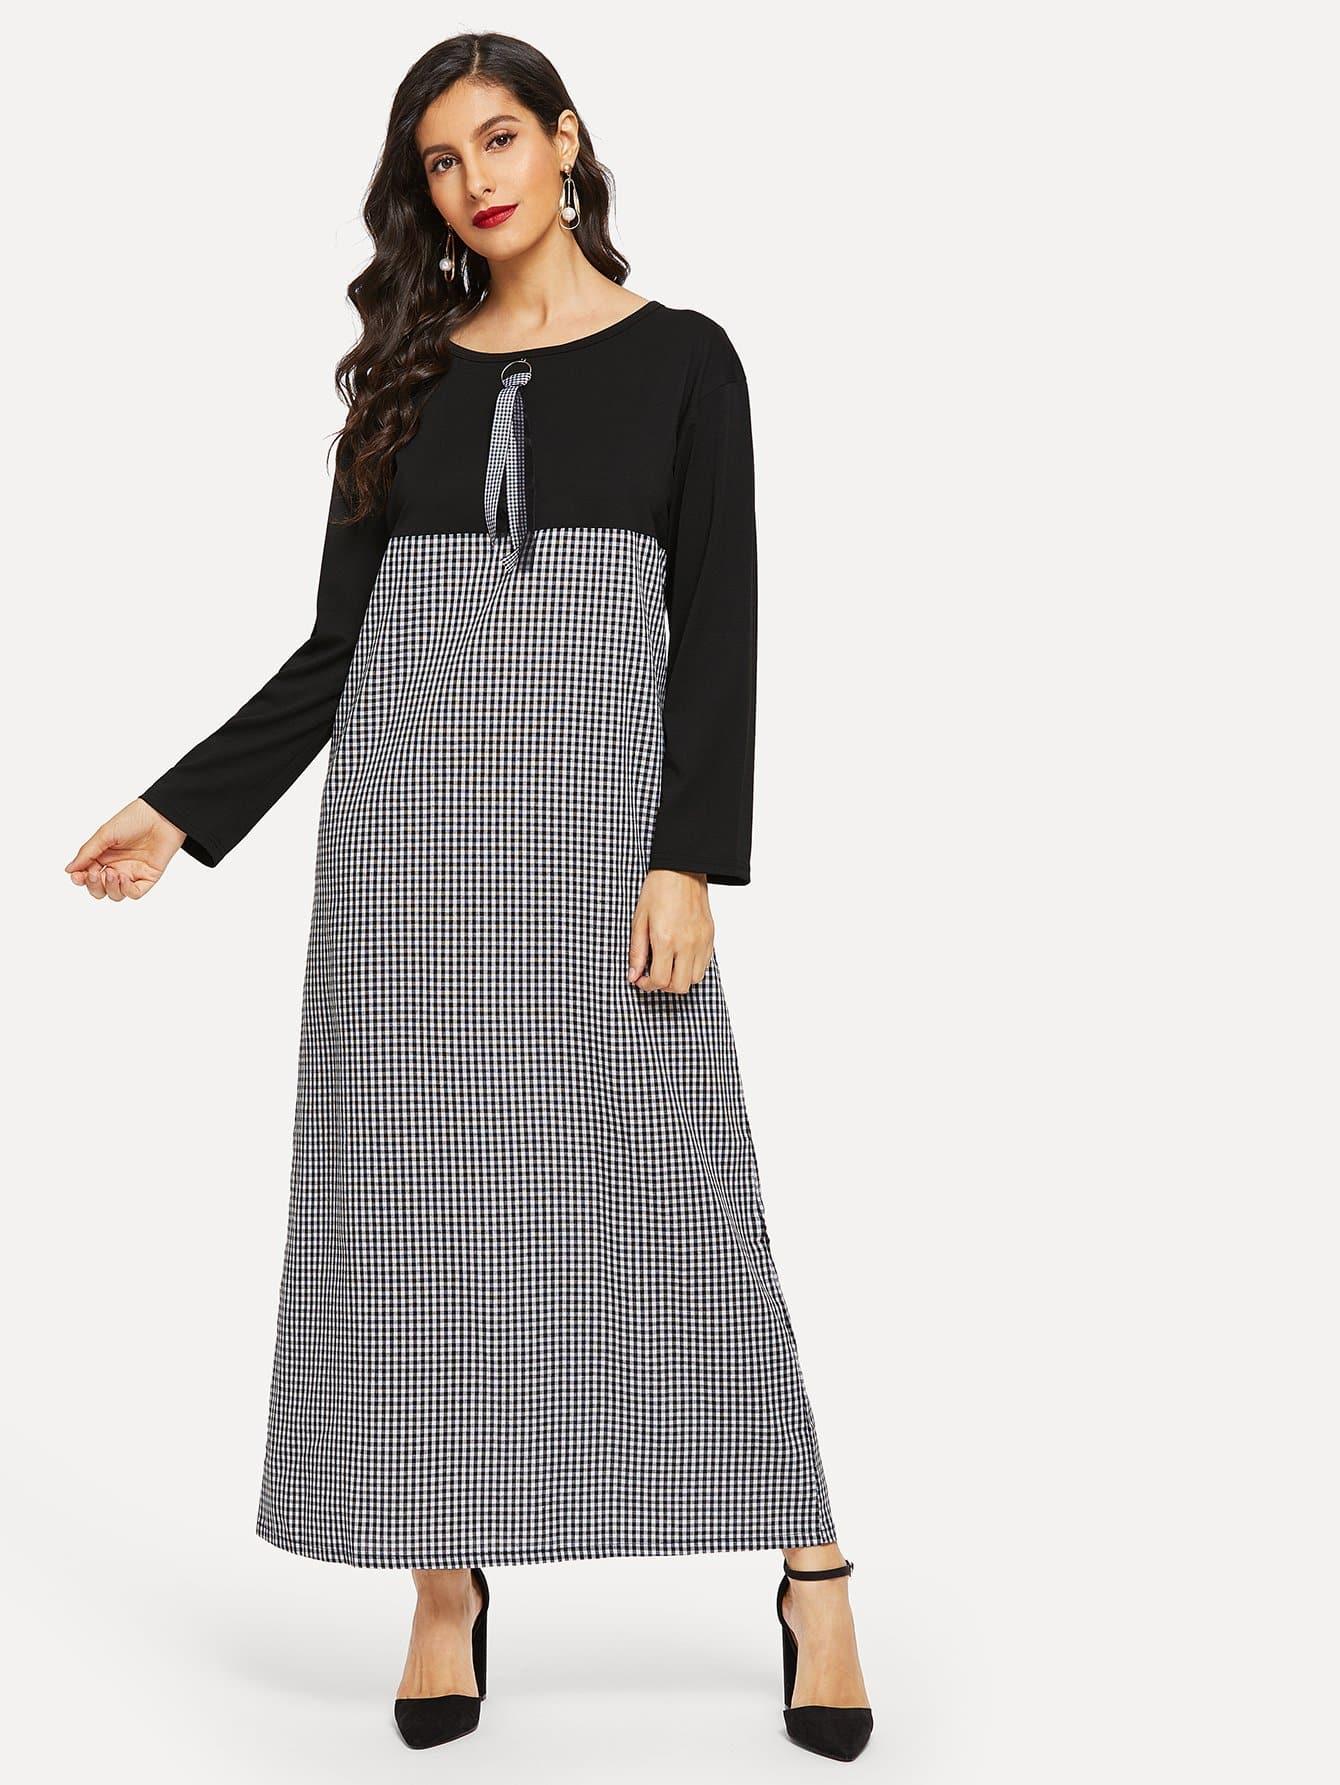 Контрастное длинное платье в клетку с рельефными узорами